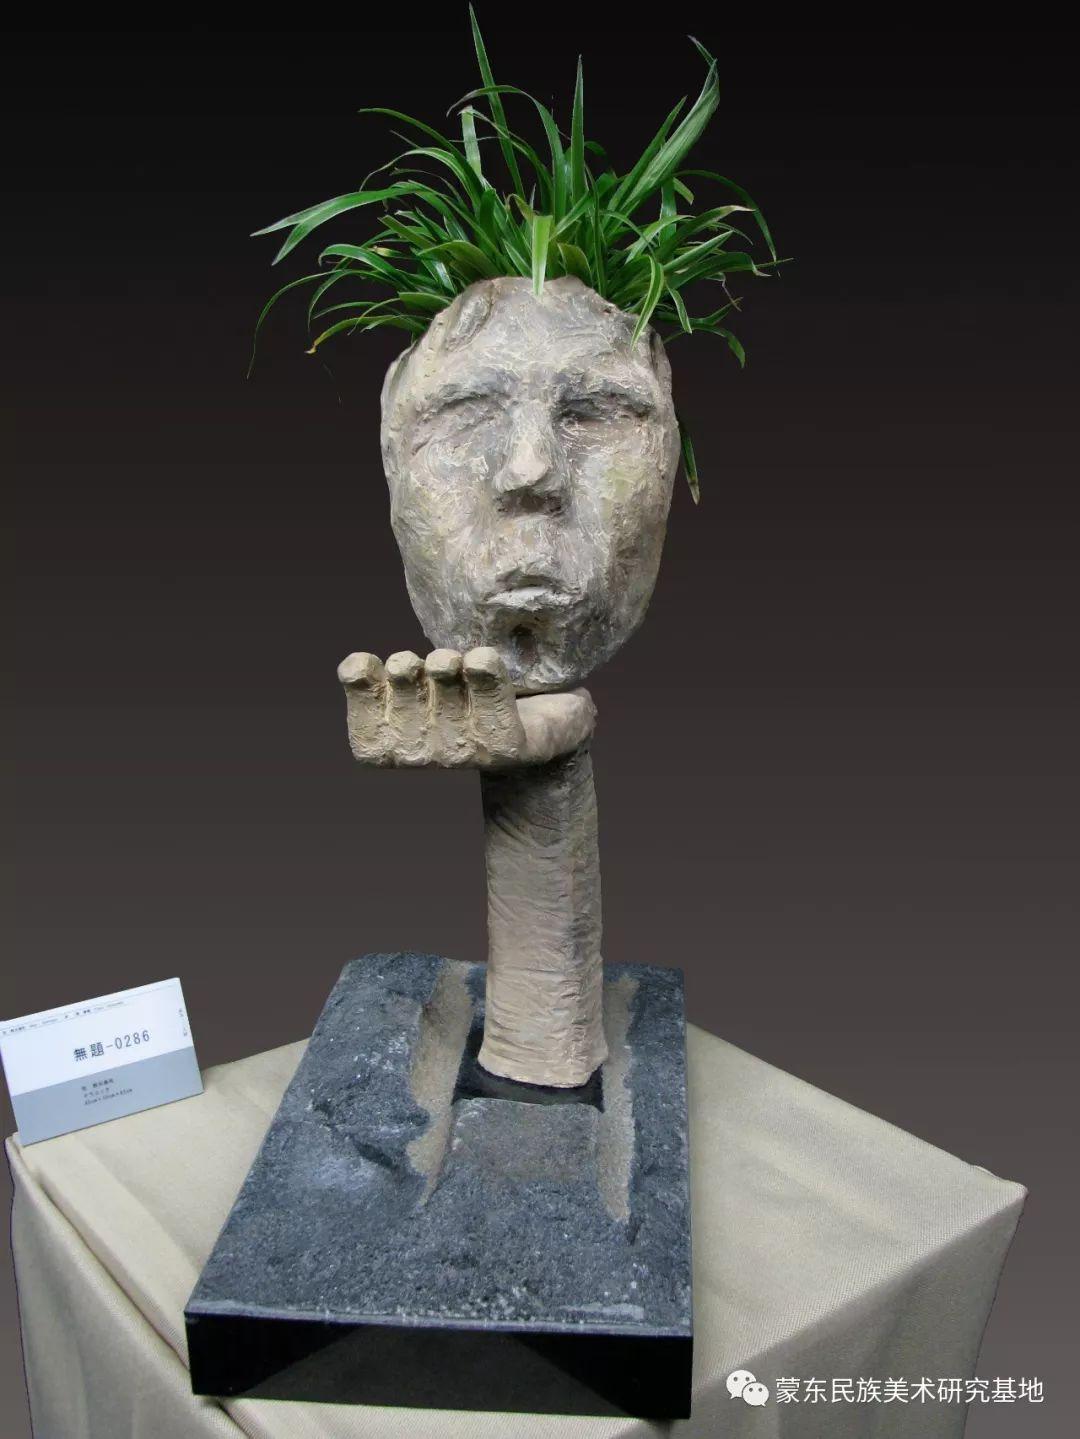 包格日乐吐作品——头像雕塑系列(二) 第6张 包格日乐吐作品——头像雕塑系列(二) 蒙古画廊